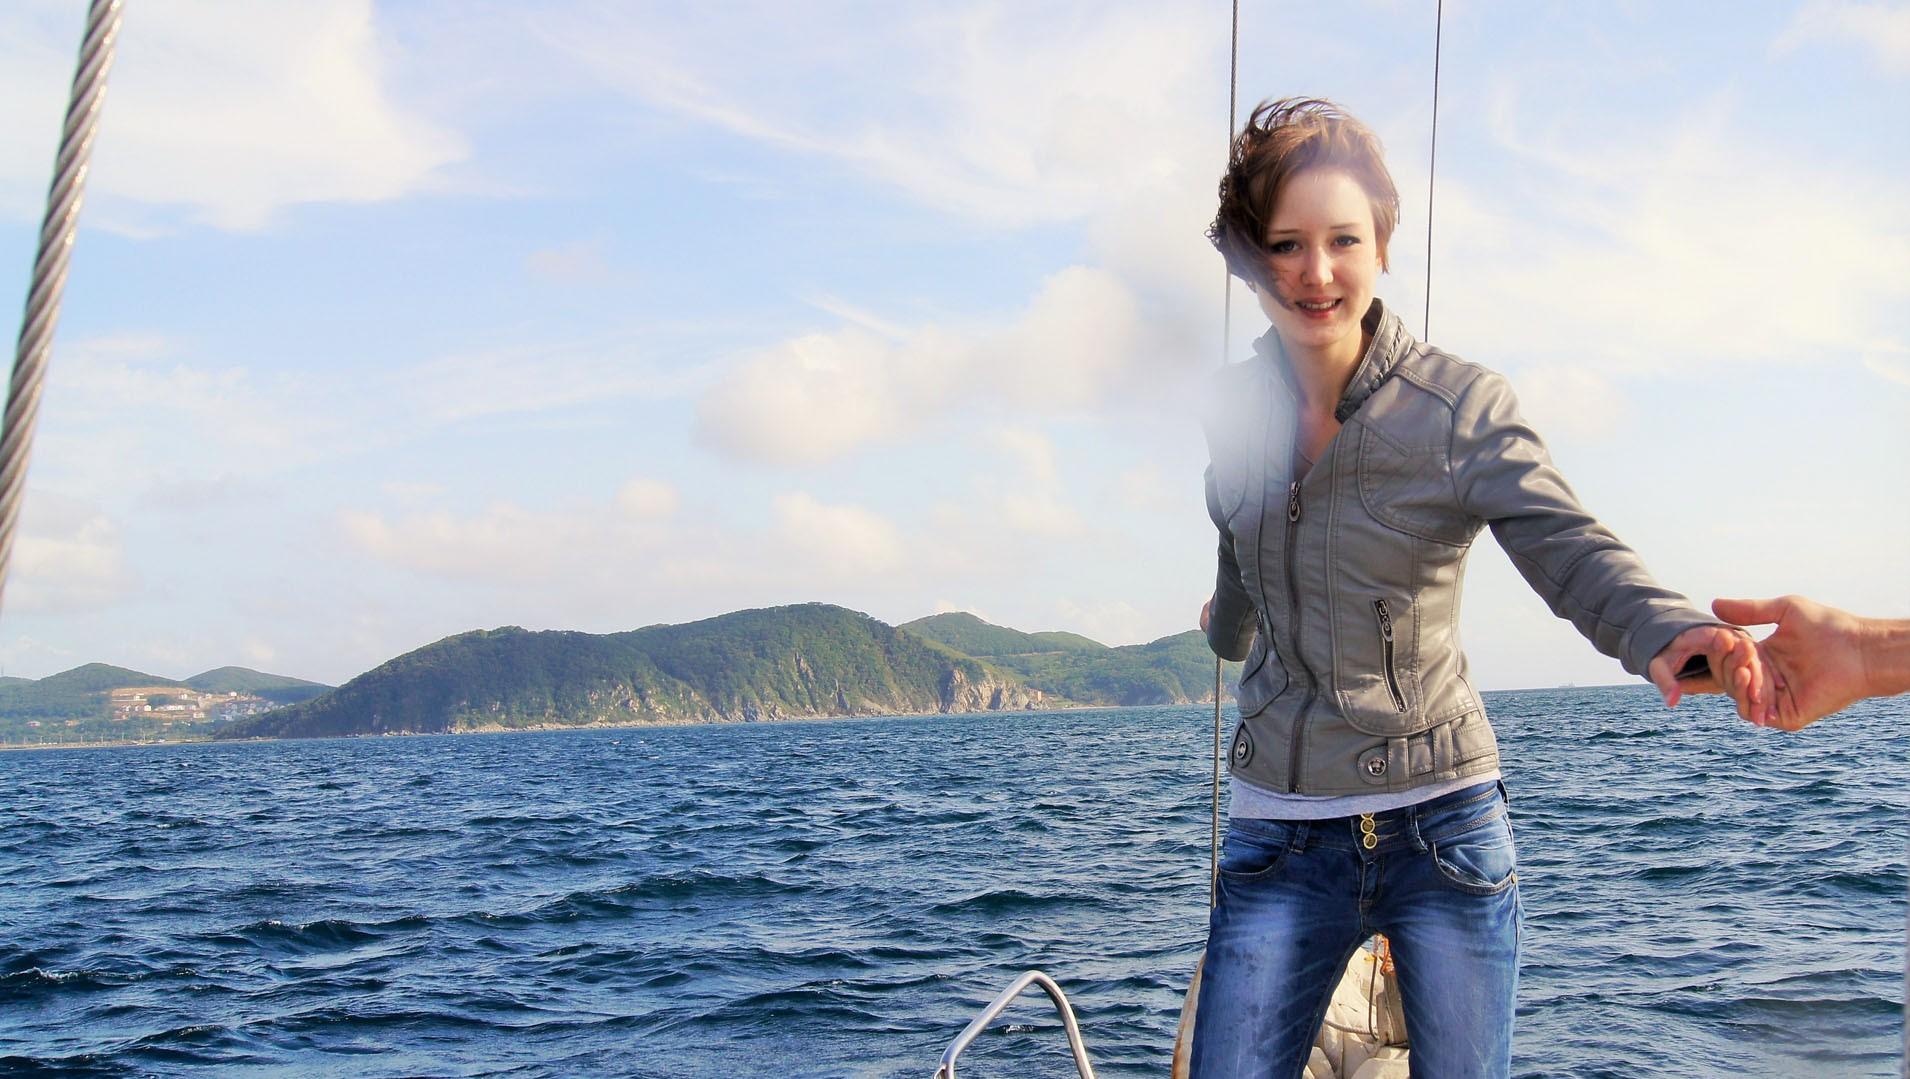 ощутить свежесть морского ветра